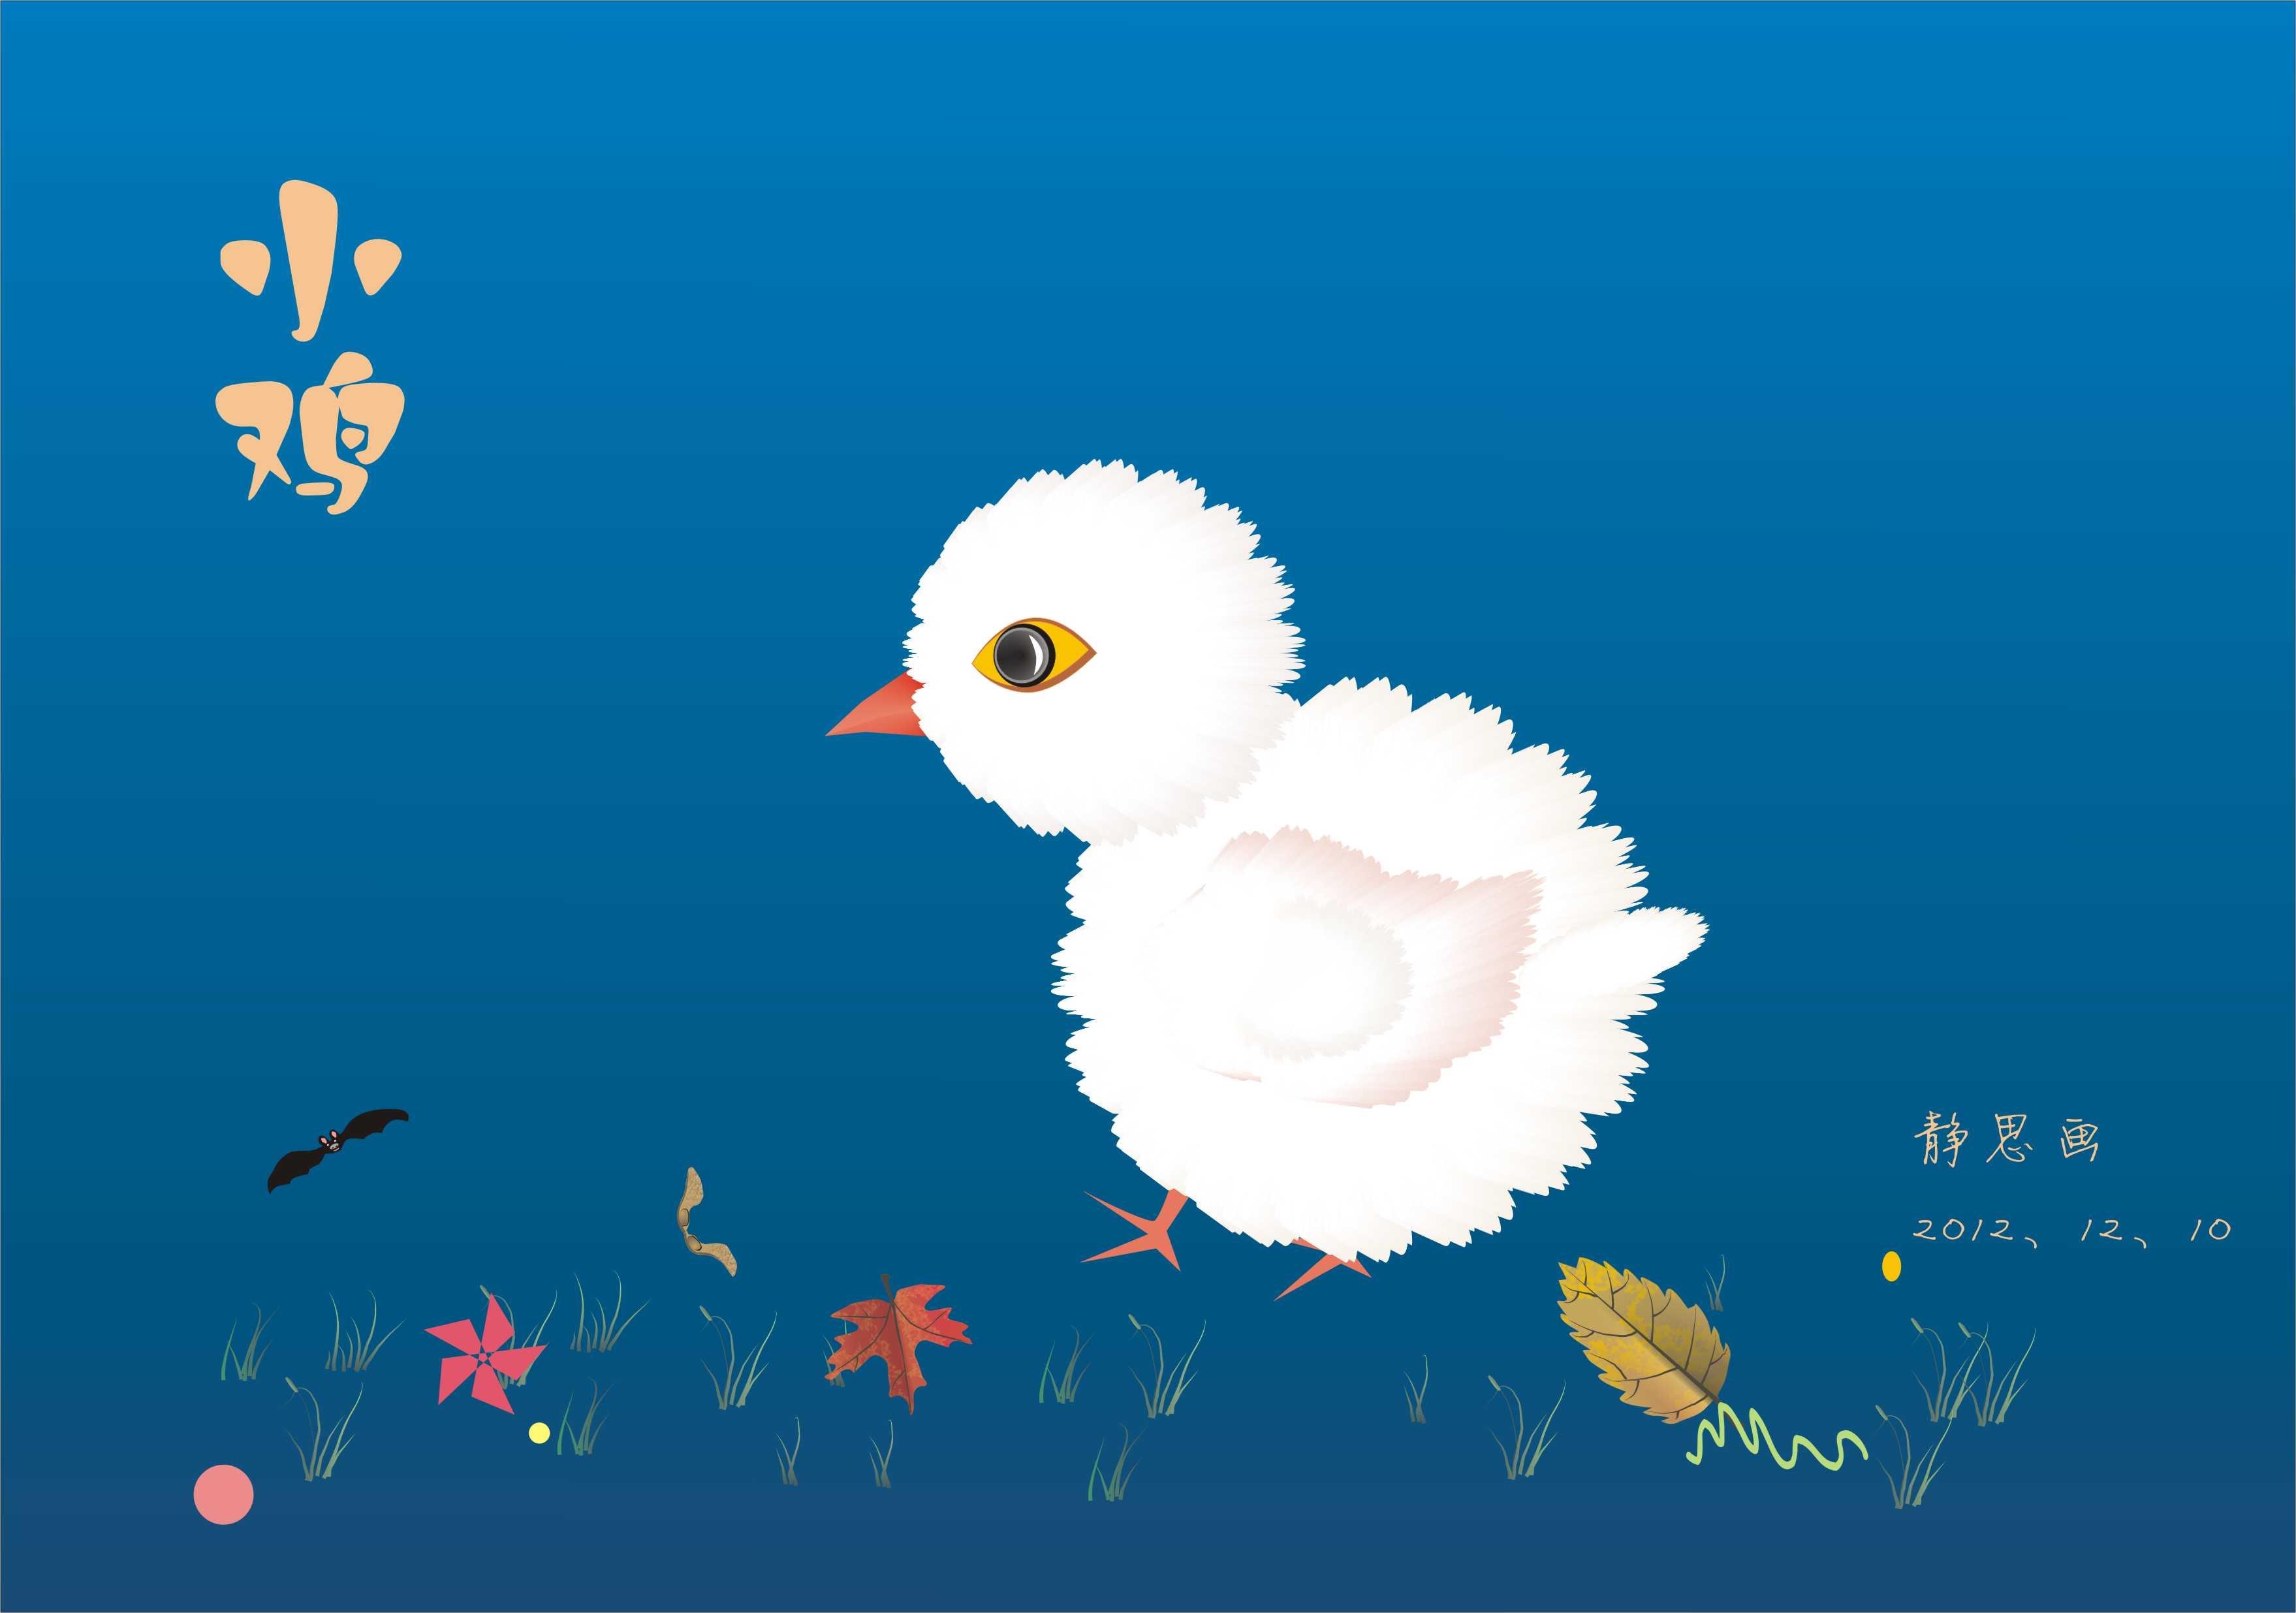 原创----可爱的小鸡[51自学网园地]